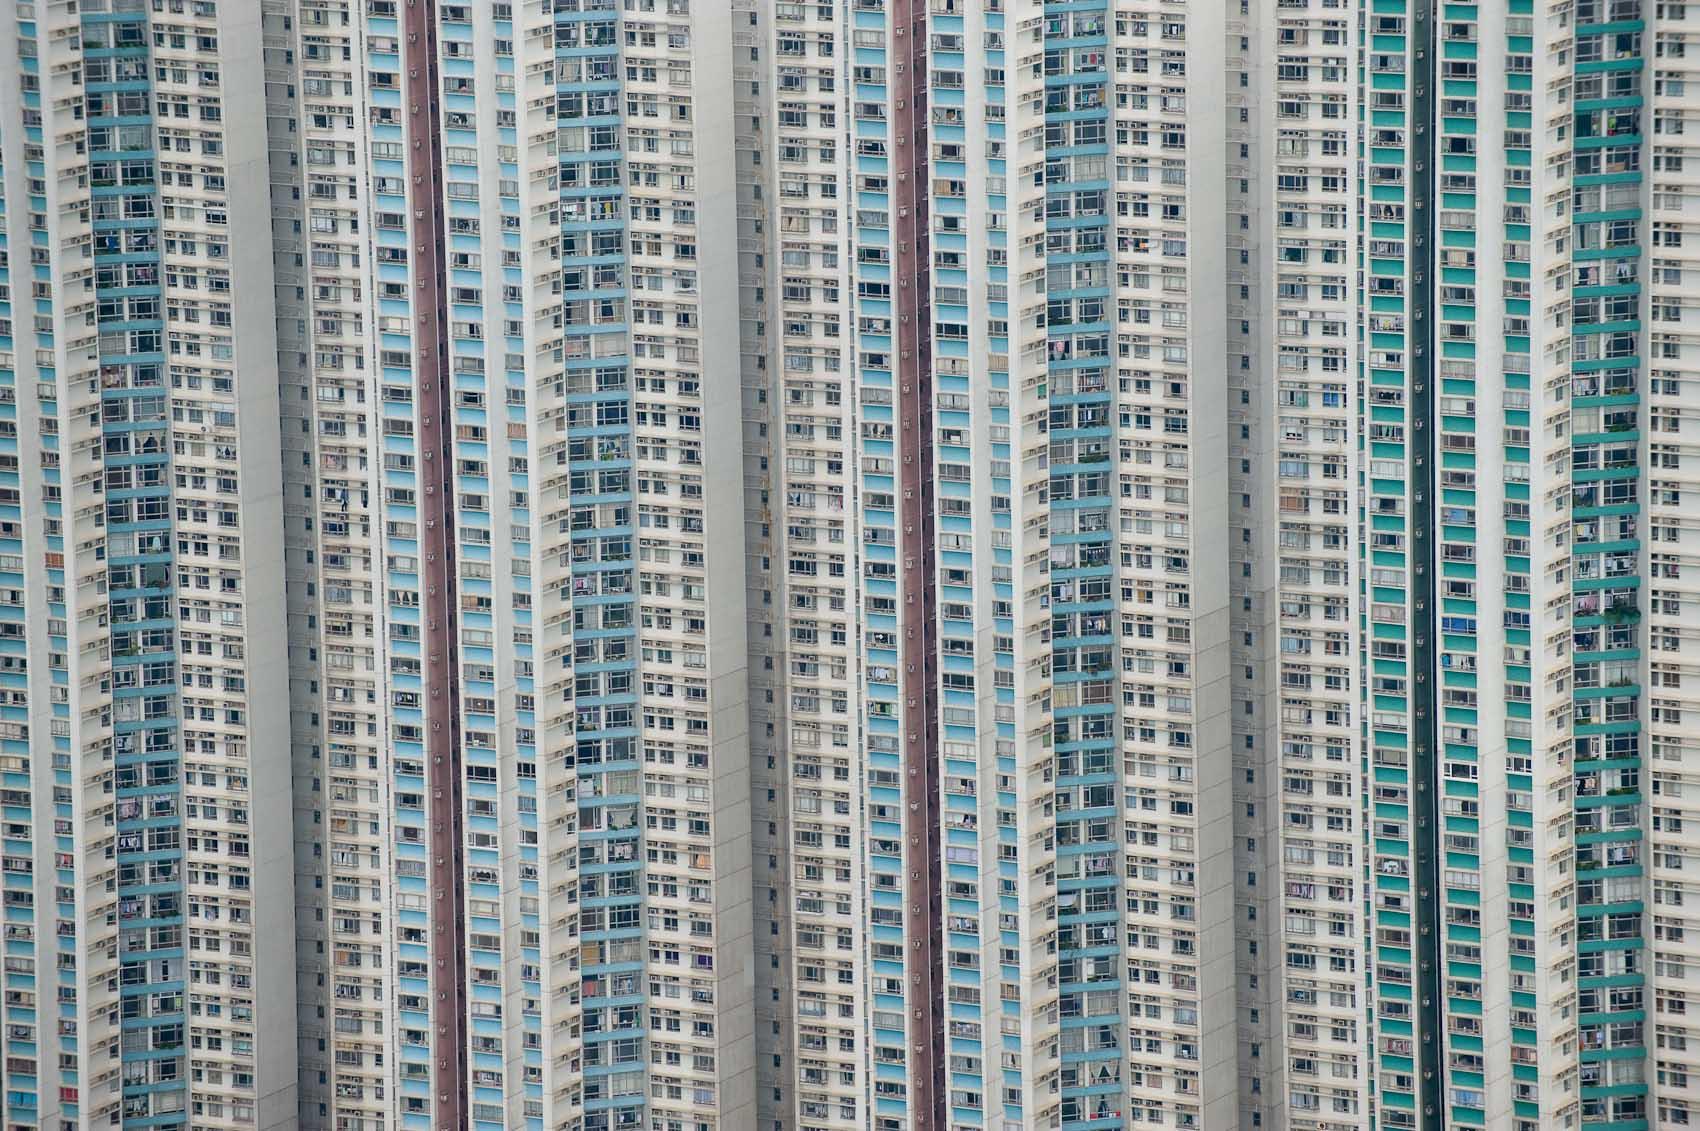 Apartments, Hong Kong